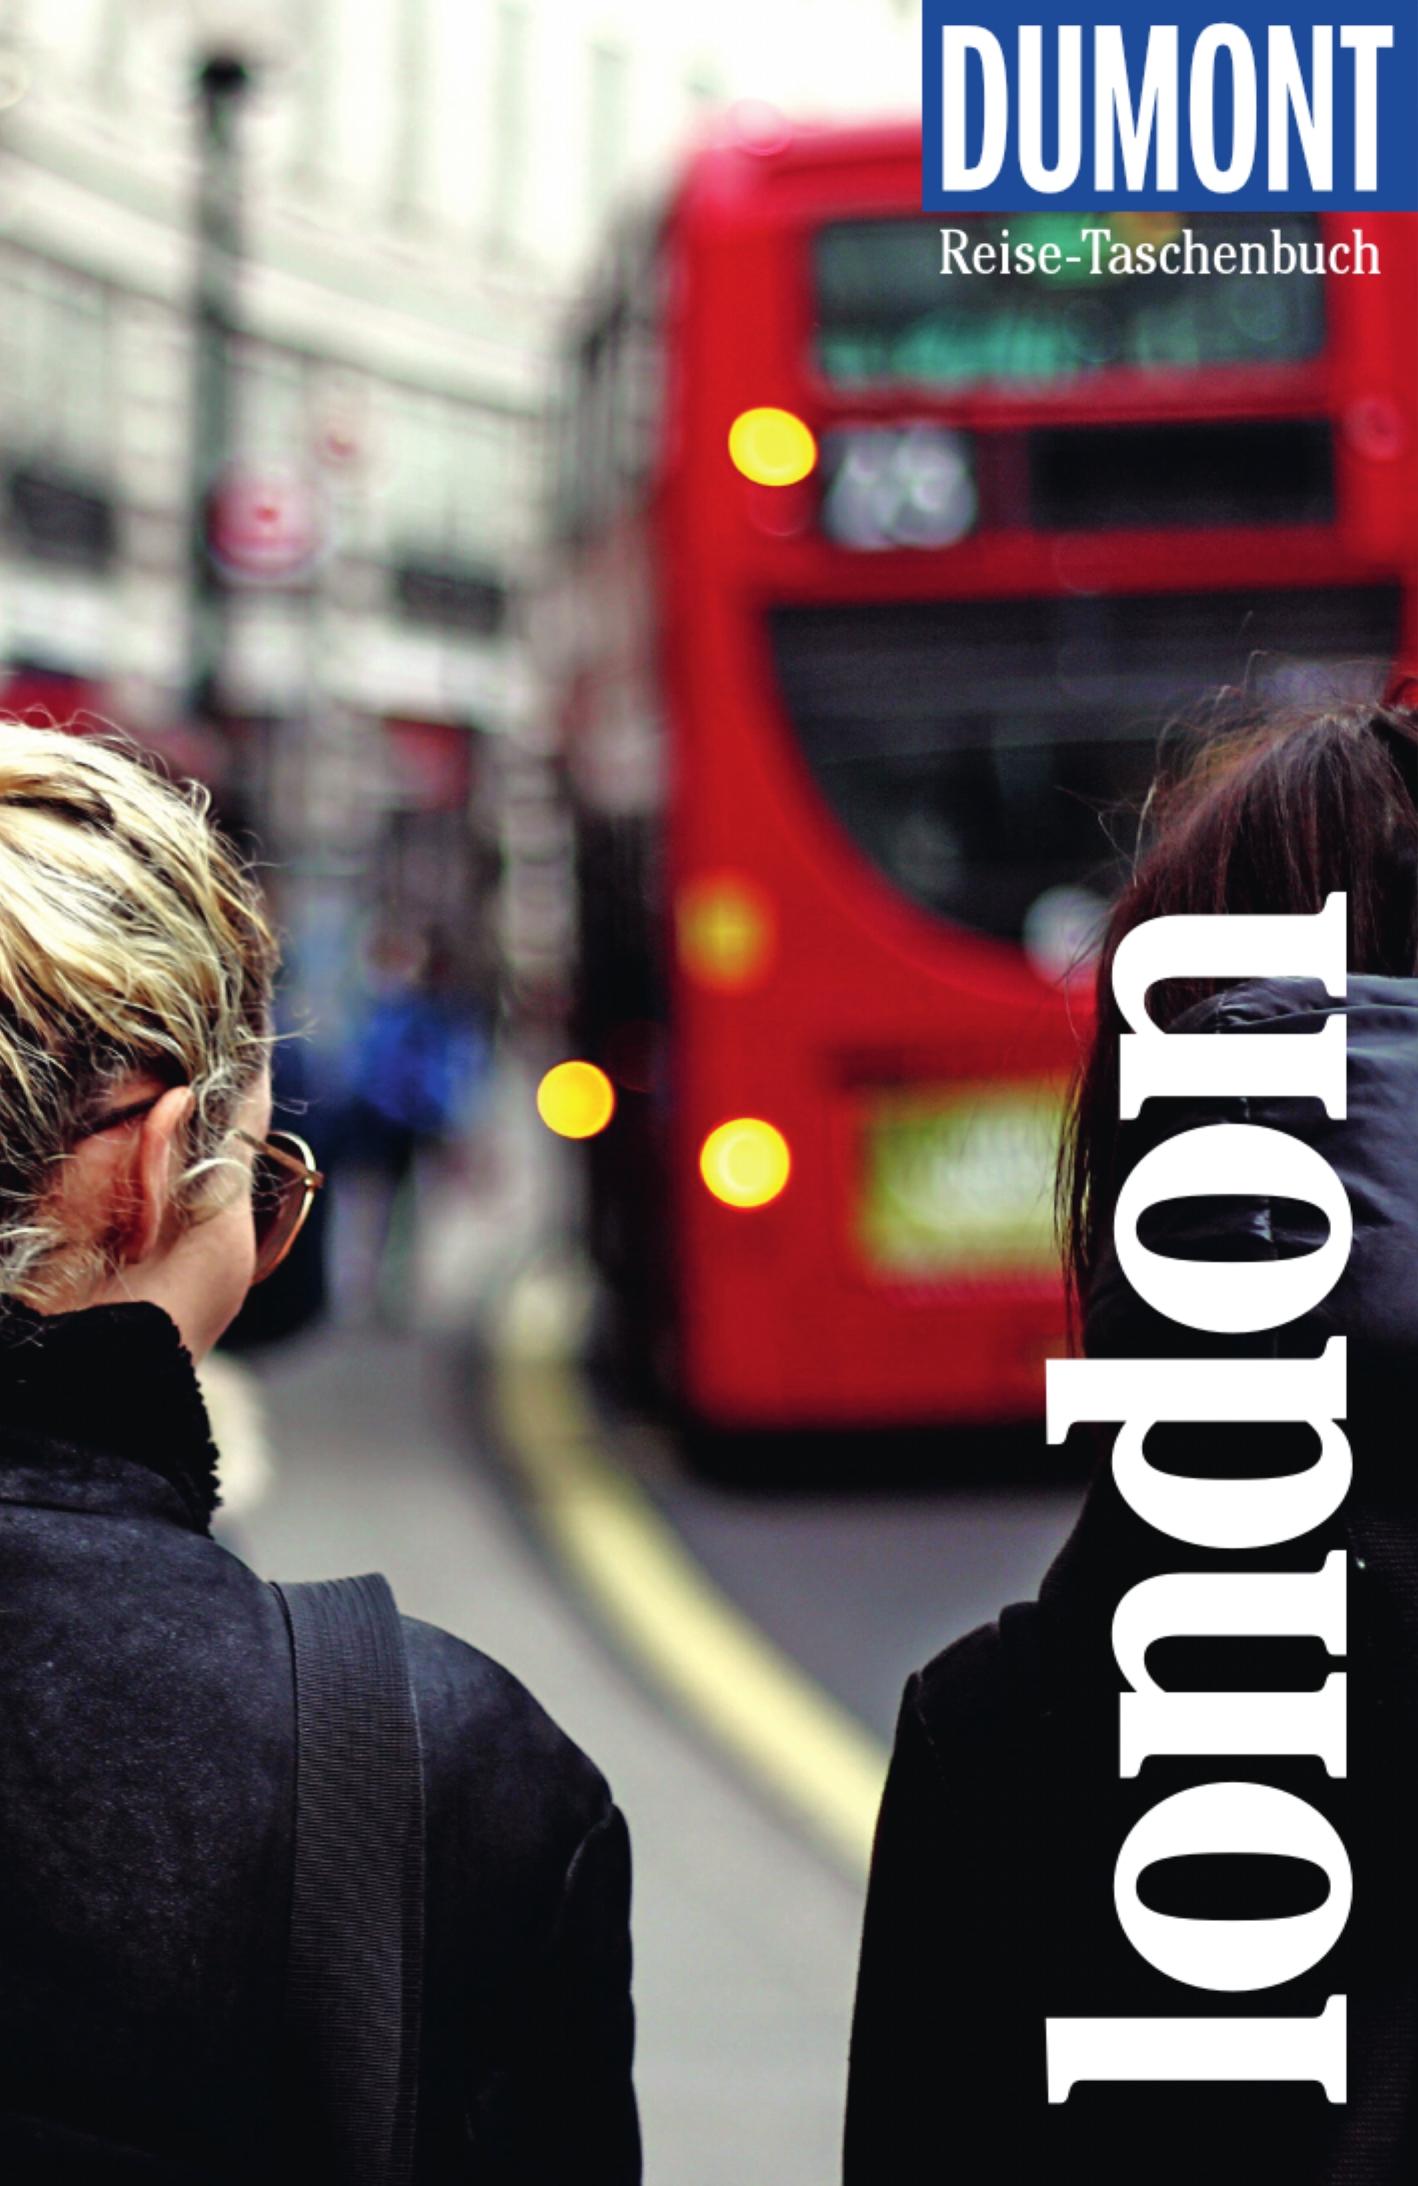 DuMont Reise-Taschenbuch – London (Cover)